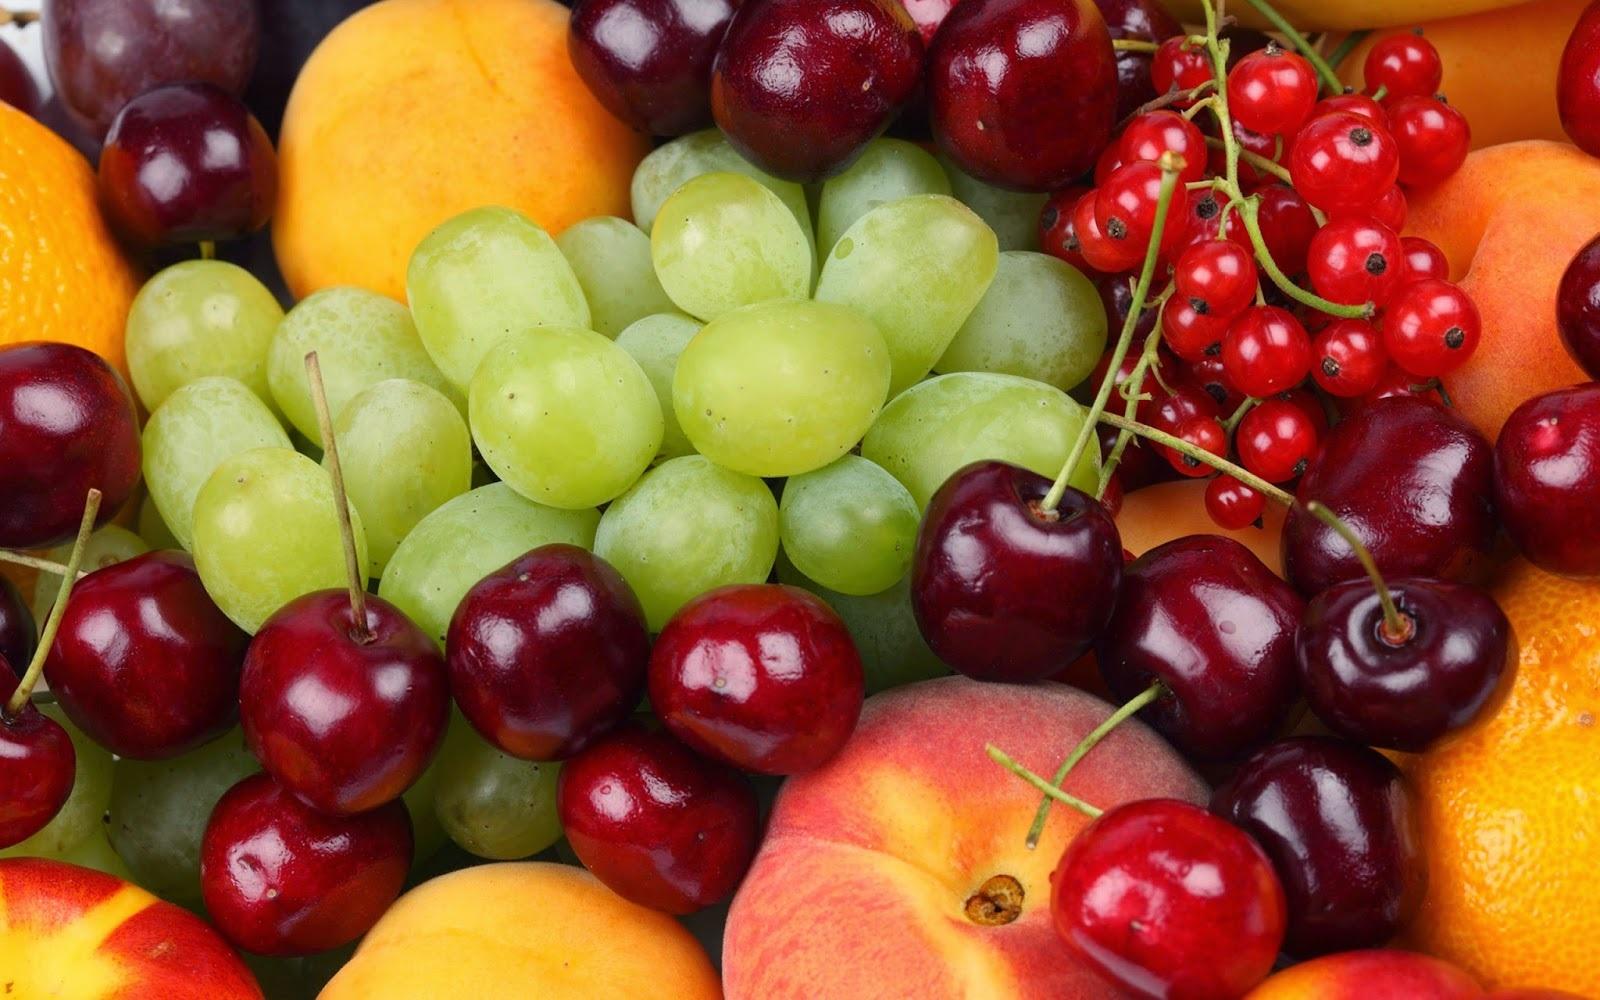 Trái cây vừa cung cấp vitamin cho cơ thể vừa làm sạch răng hiệu quả.